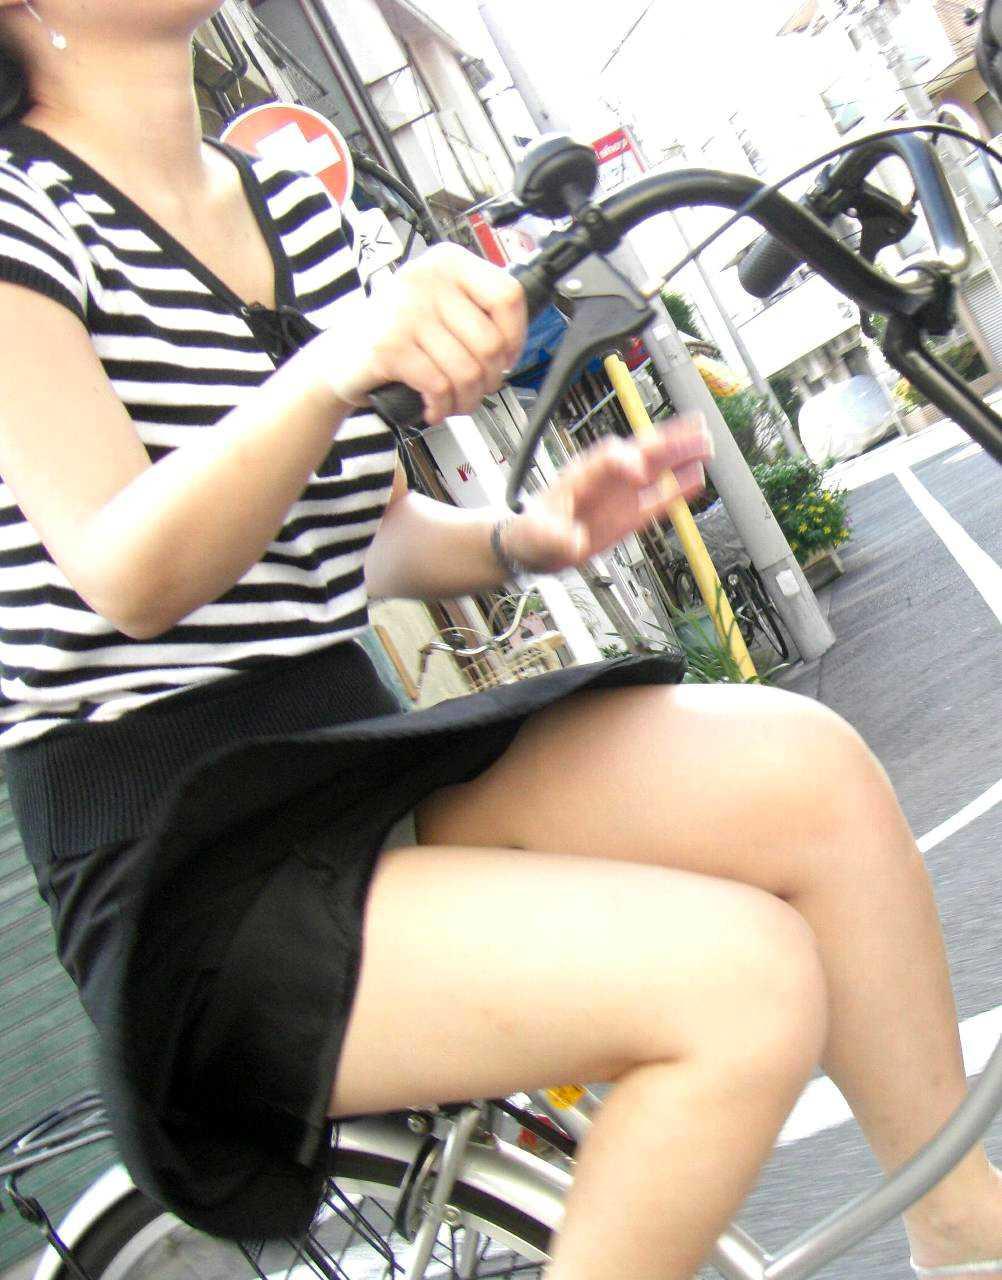 自転車に乗ってパンチラ (16)